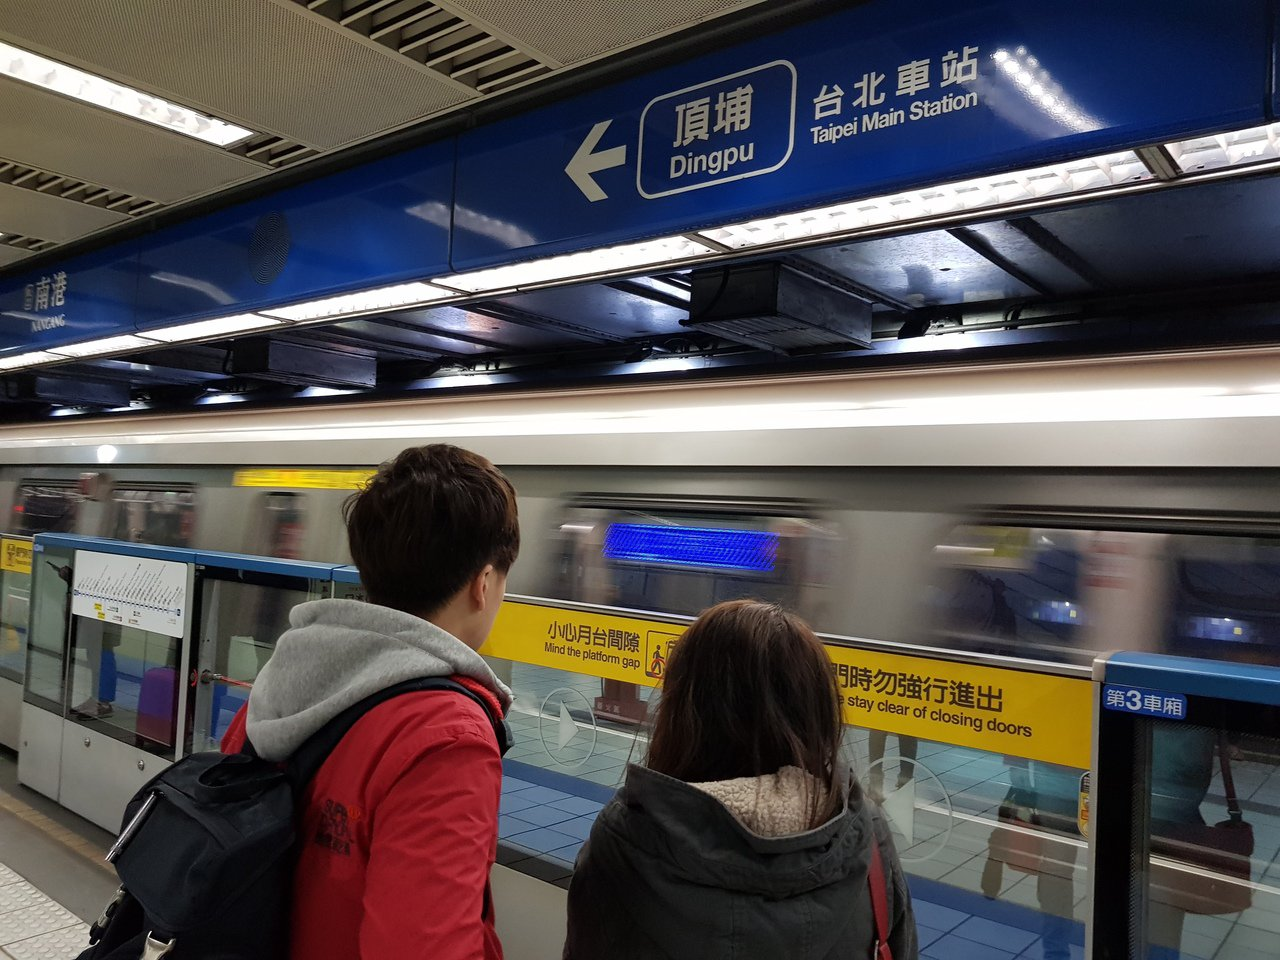 台北市政府與新北市政府今早正式公布台北捷運「常客優惠」(即忠誠度優惠)從2月1日...